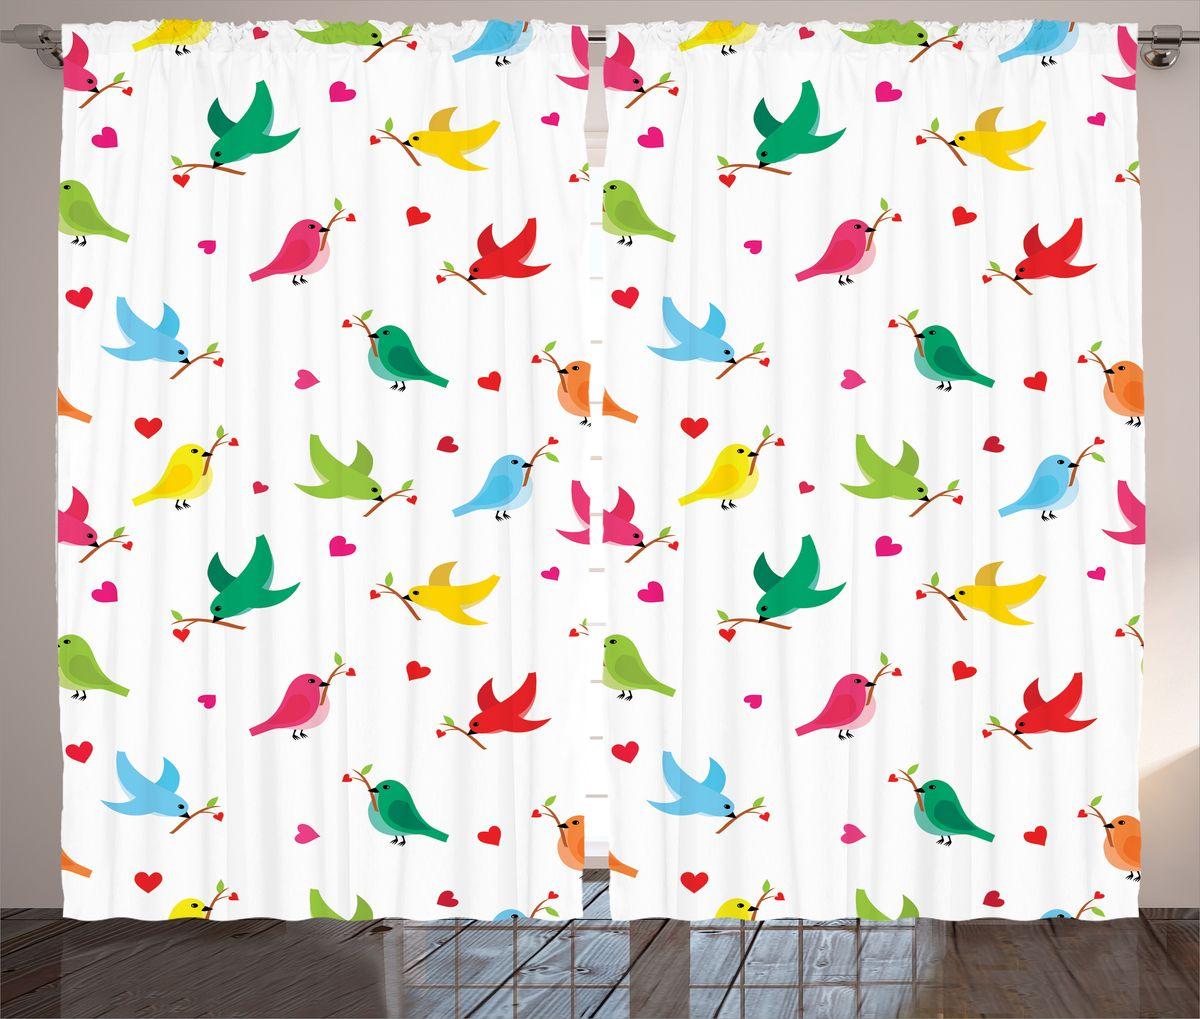 Комплект фотоштор Magic Lady Разноцветные птички, на ленте, высота 265 см. шсг_14285